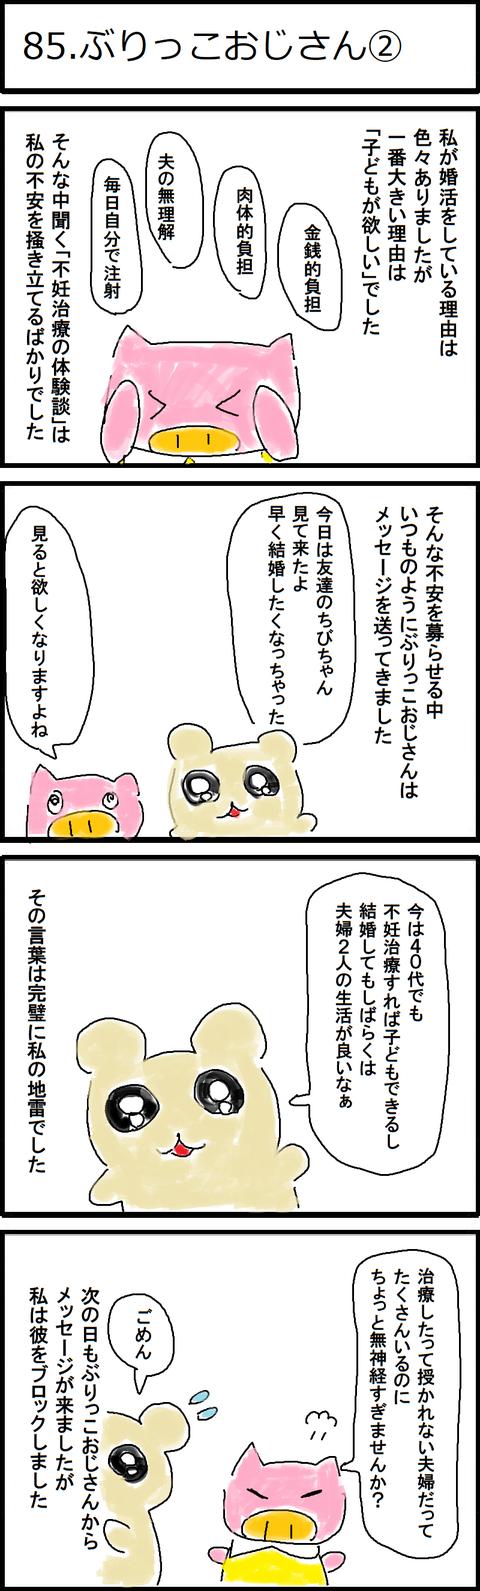 85.ぶりっこおじさん②